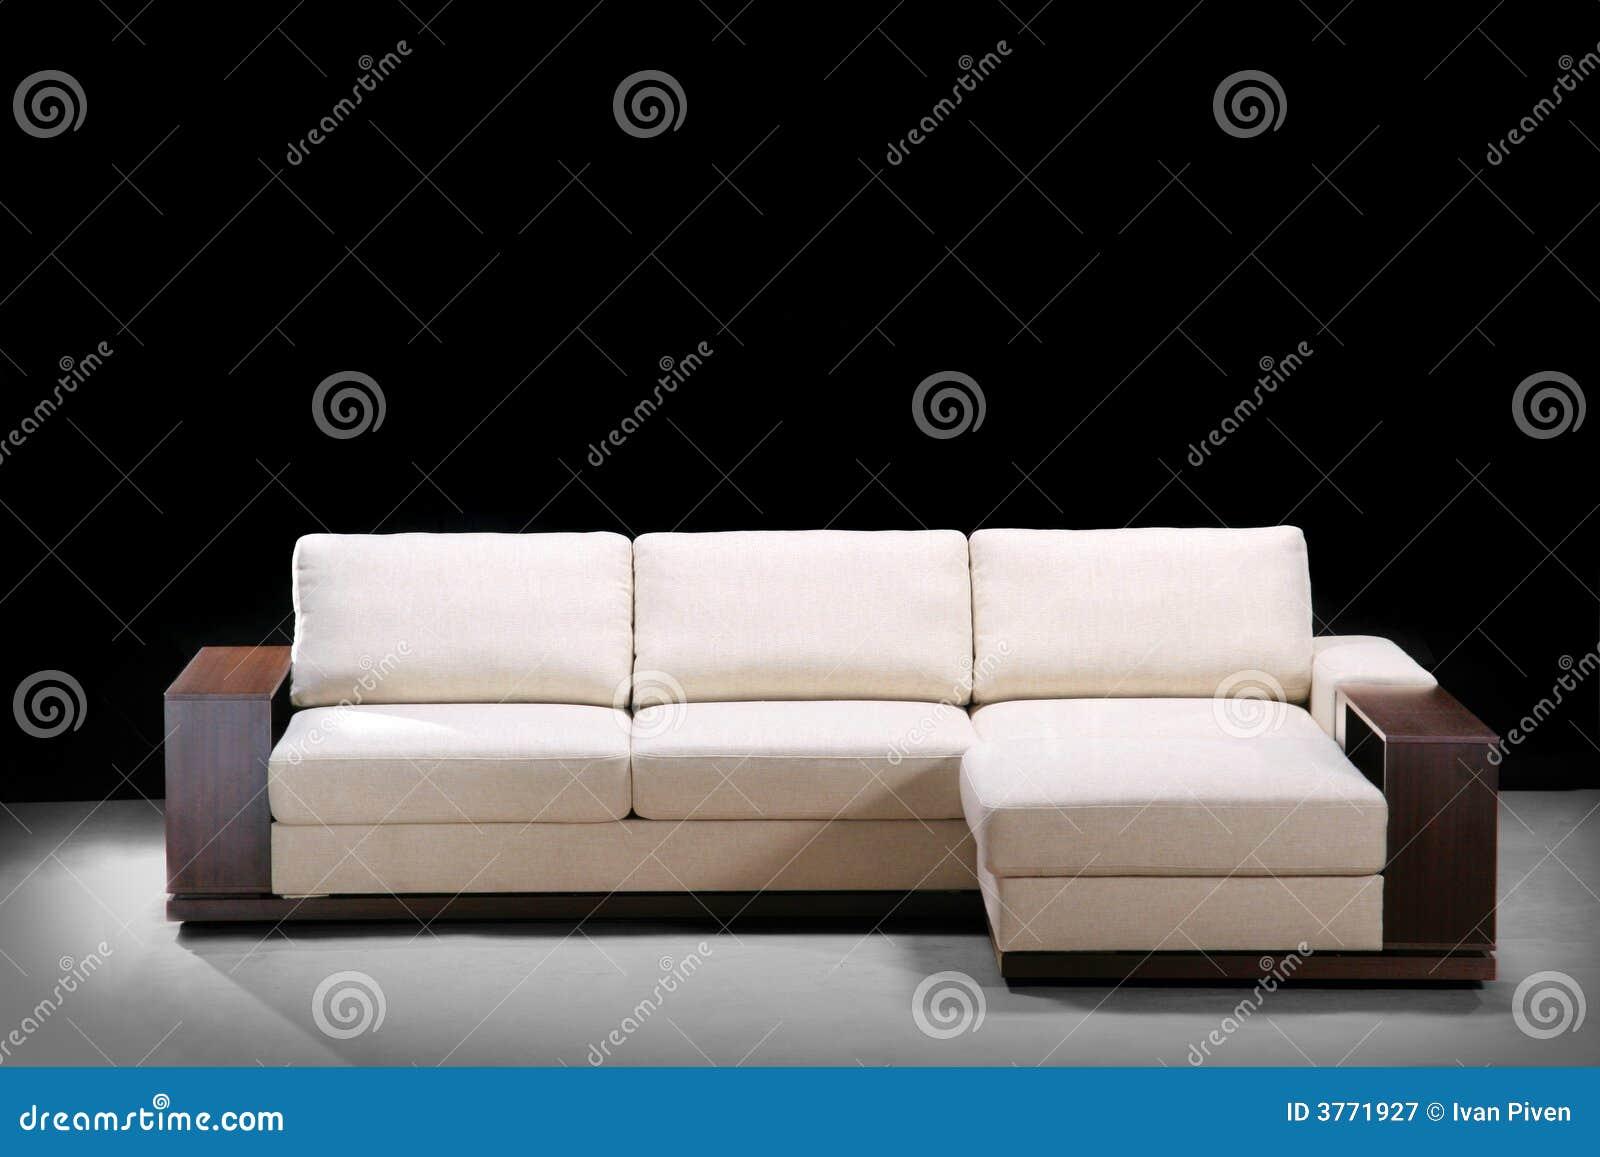 Sof confort vel elegante for Sofa elegante